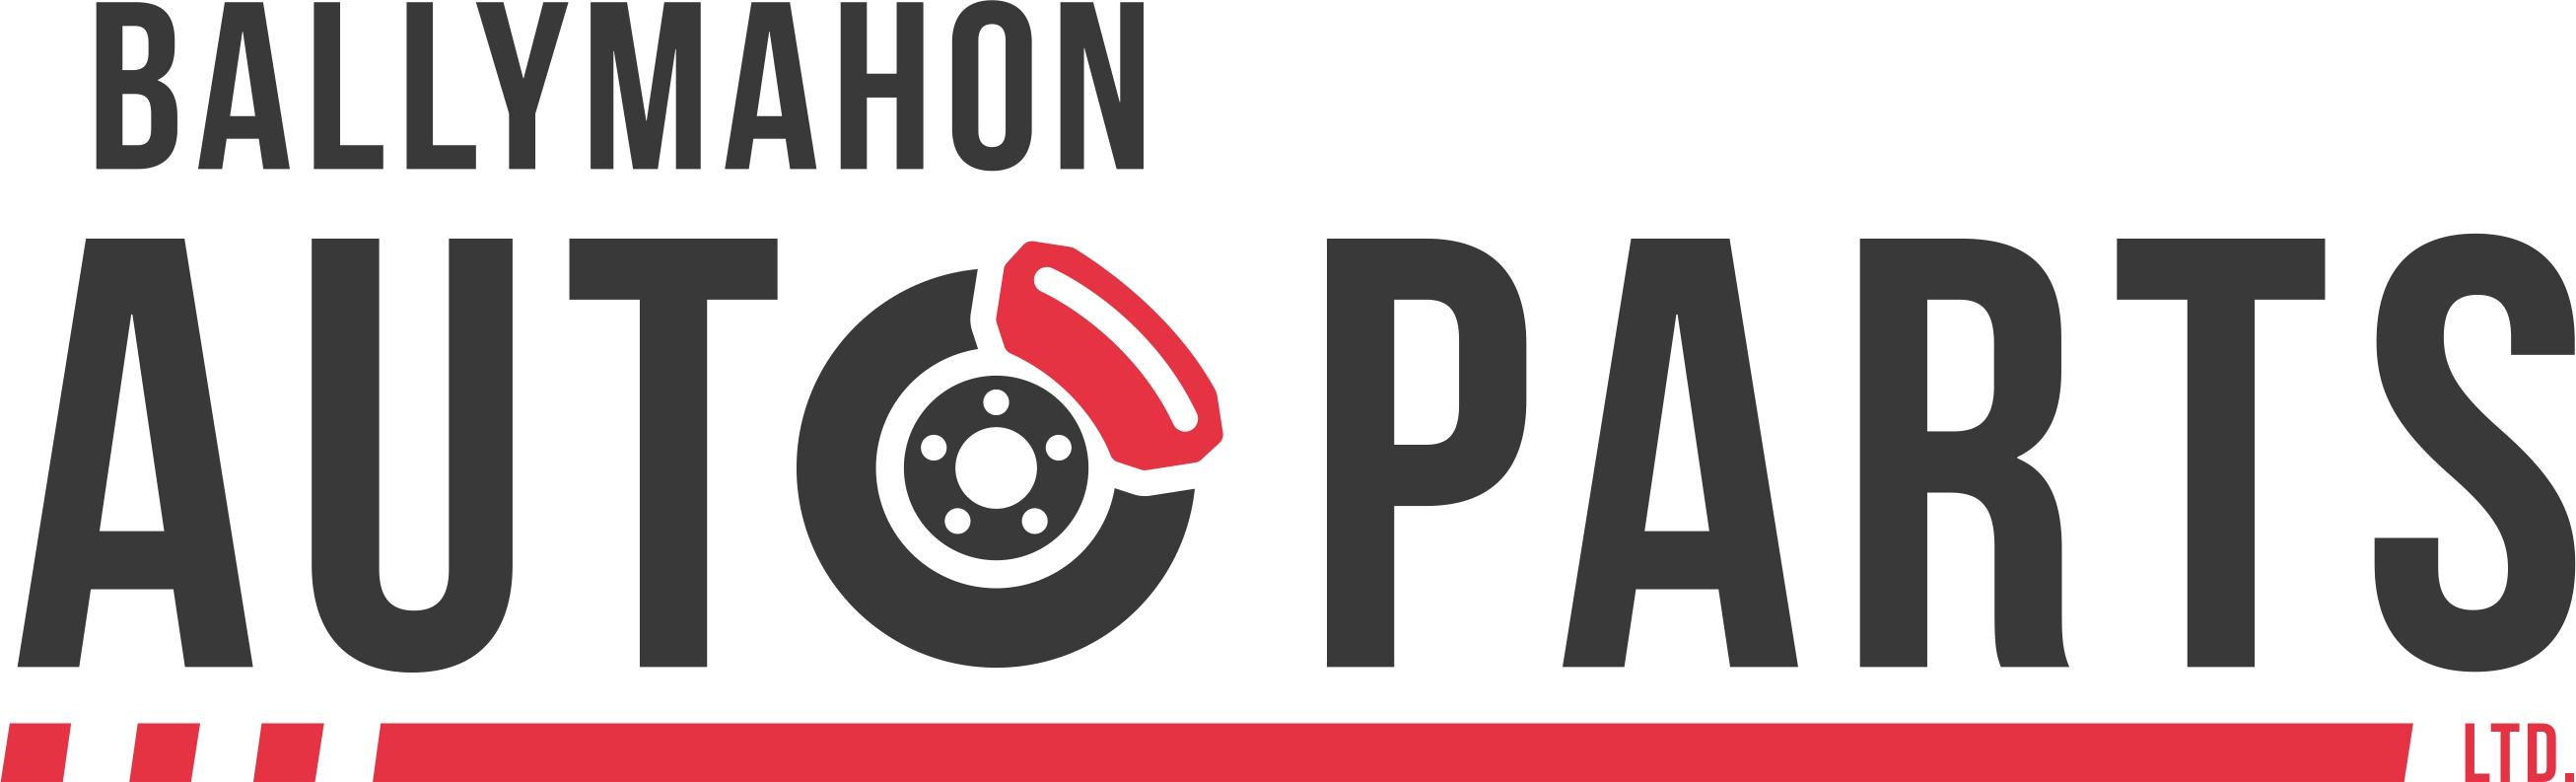 Ballymahon Auto Parts